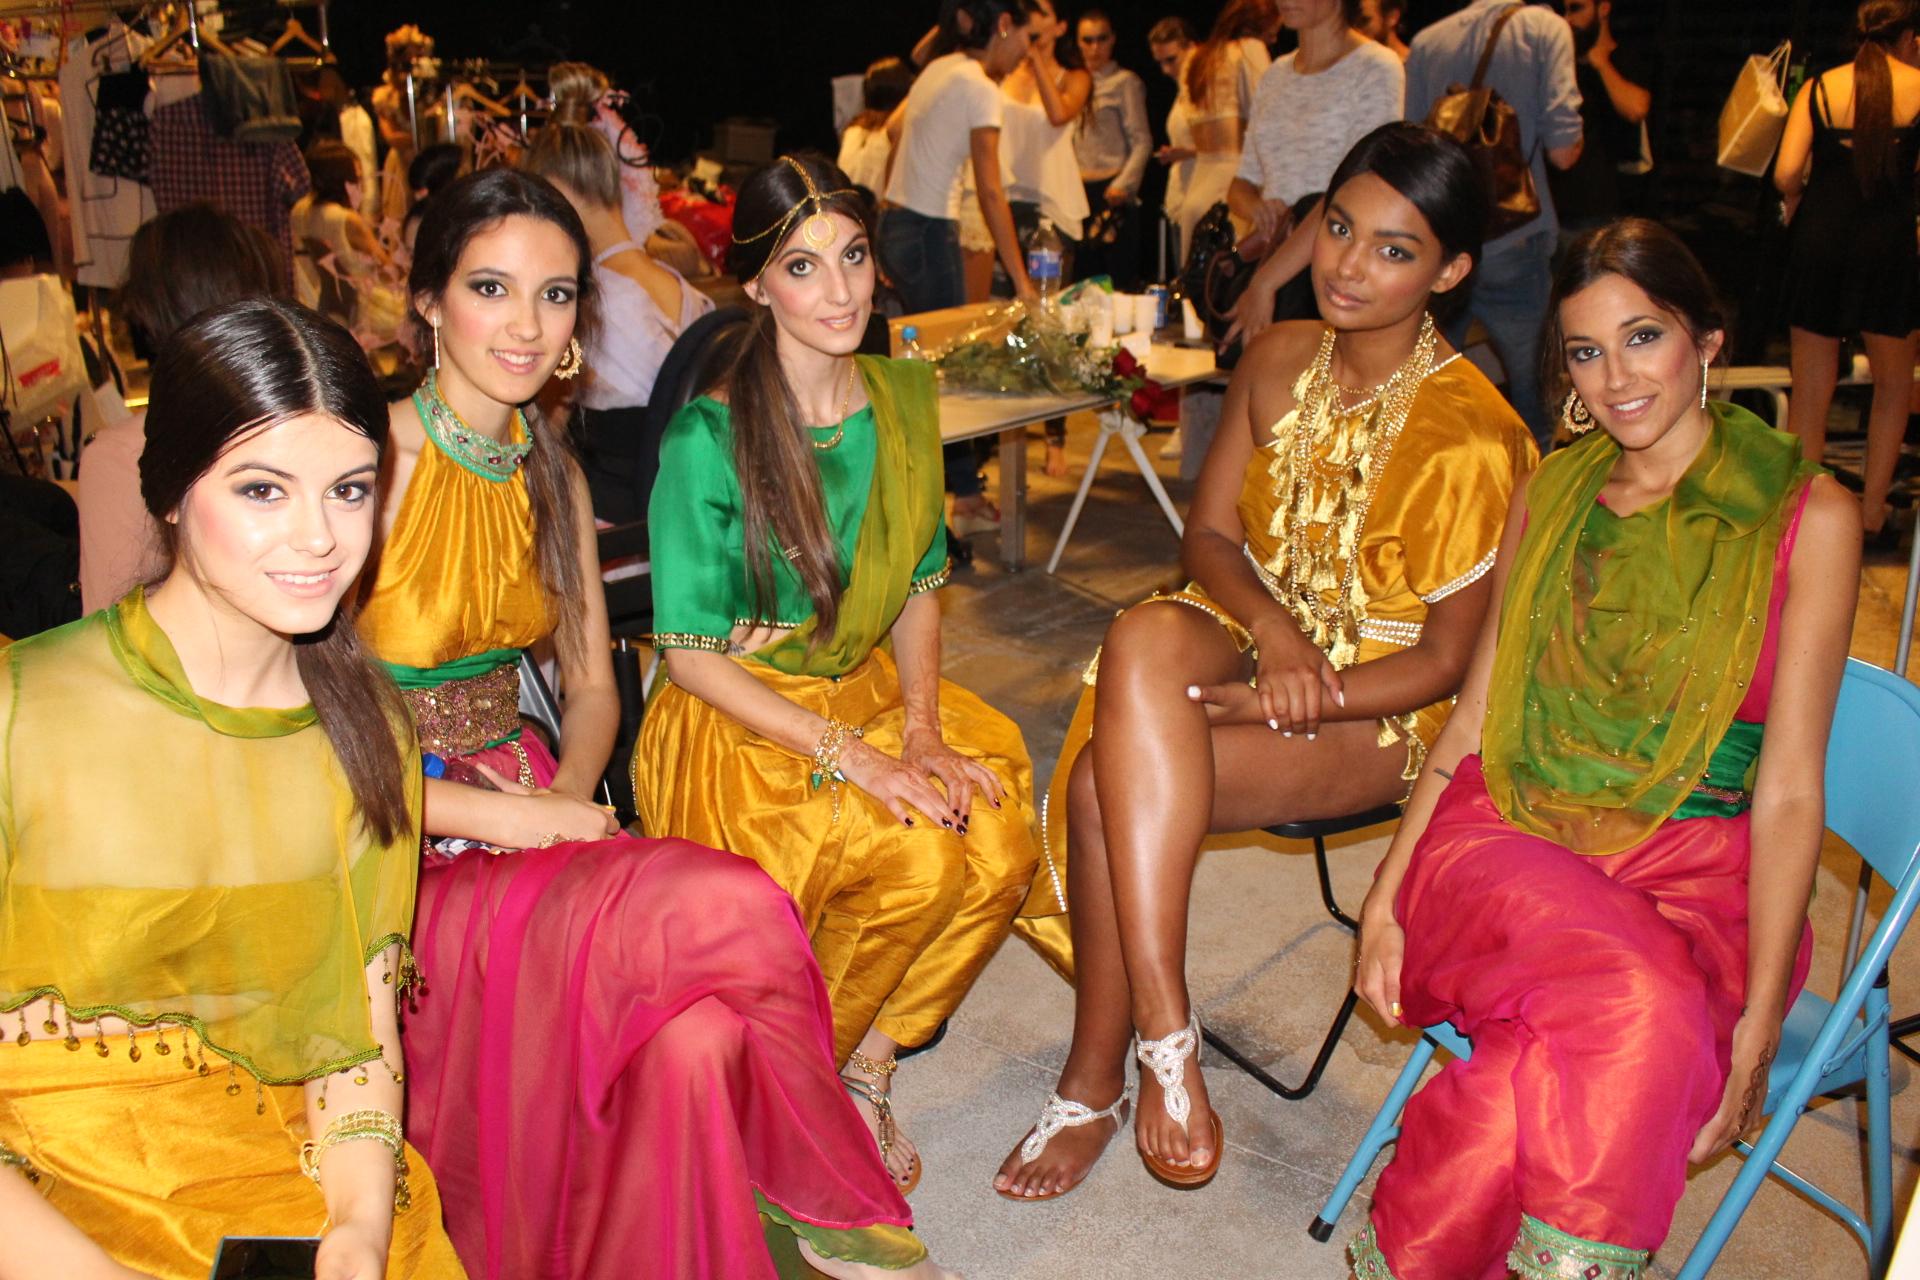 5.Bellezas representando el exotismo de India